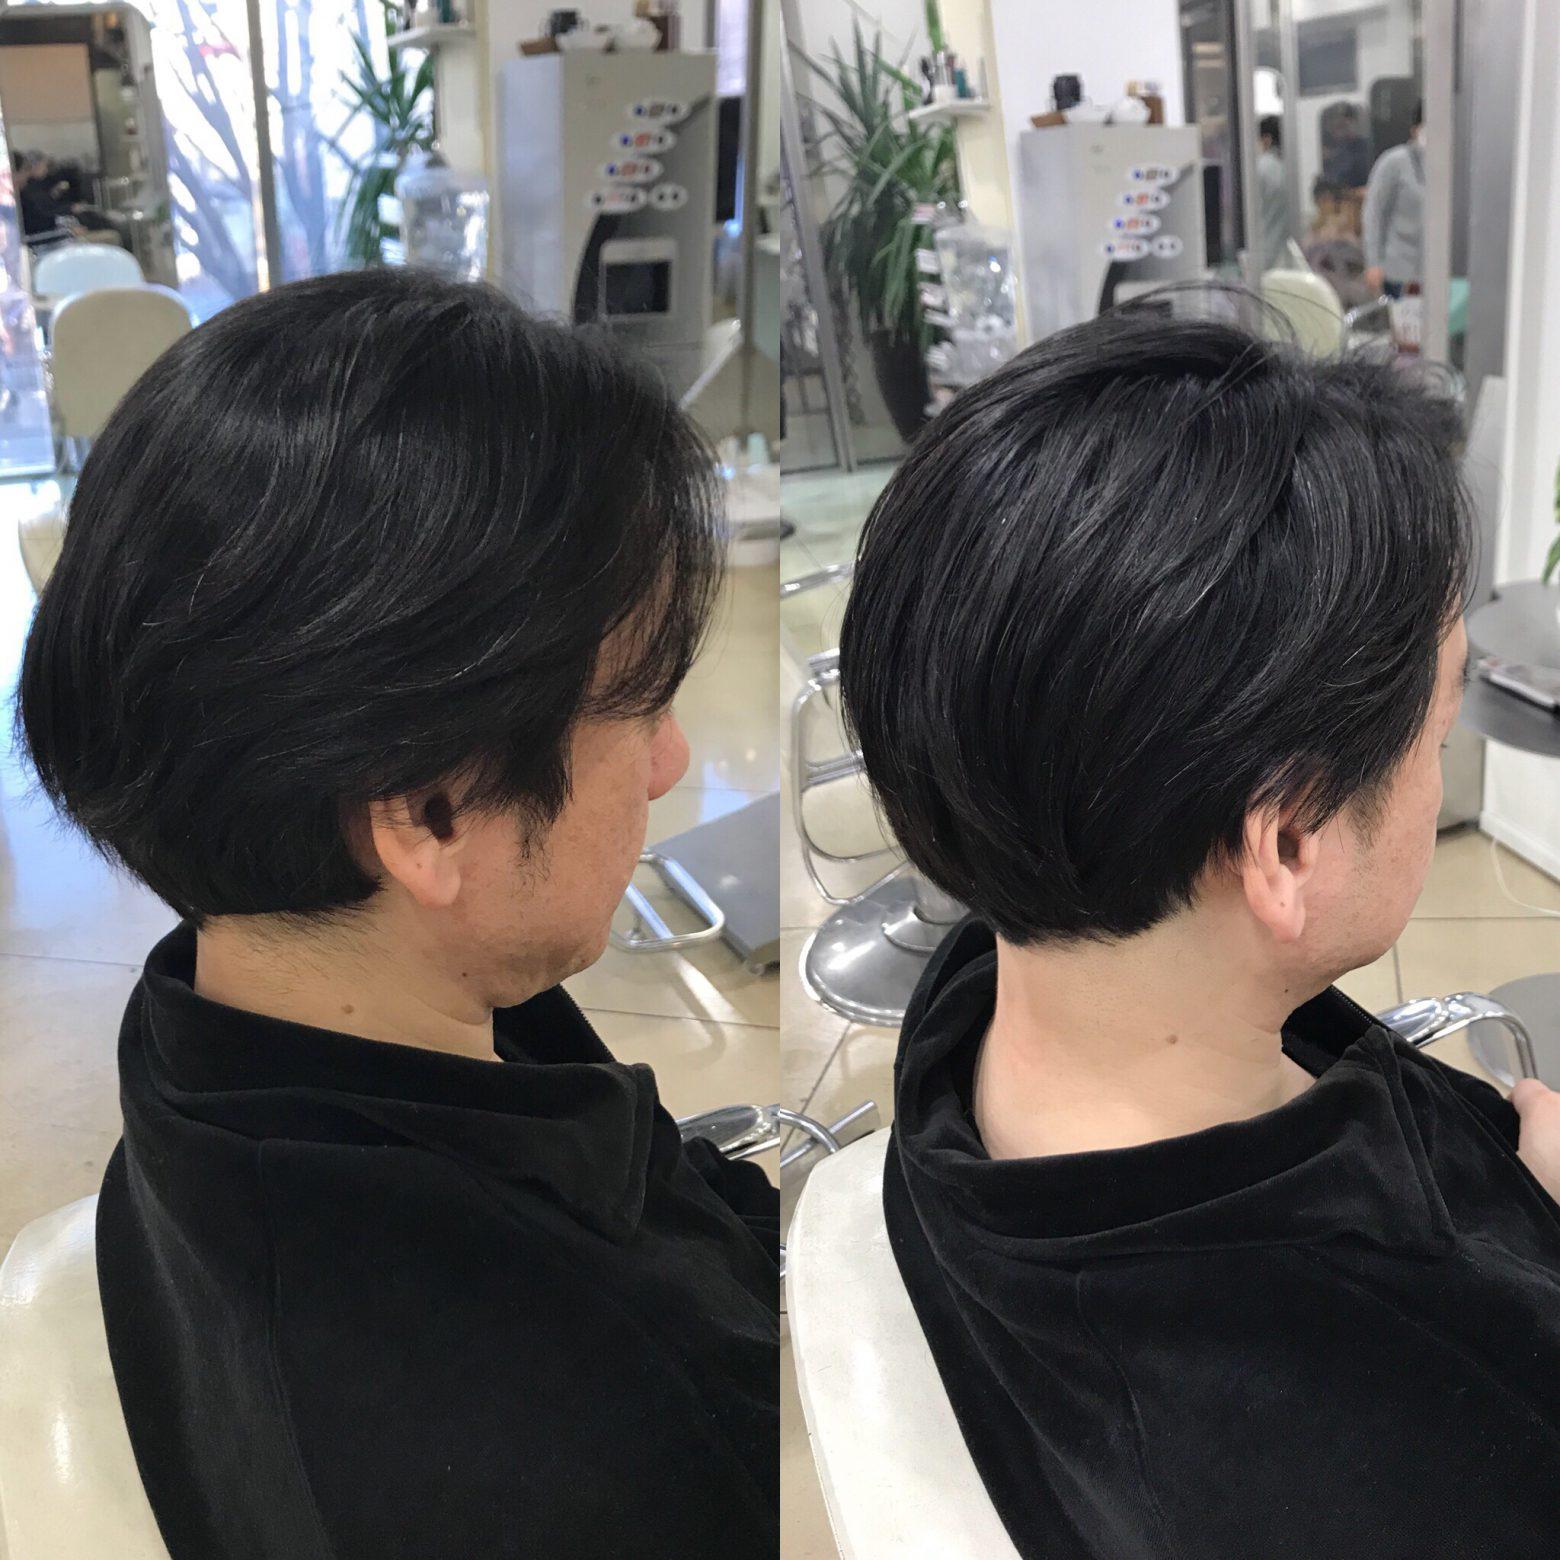 ヘアケアで変わってきた髪質。うねりが減って簡単にスタイリングできるまでに!